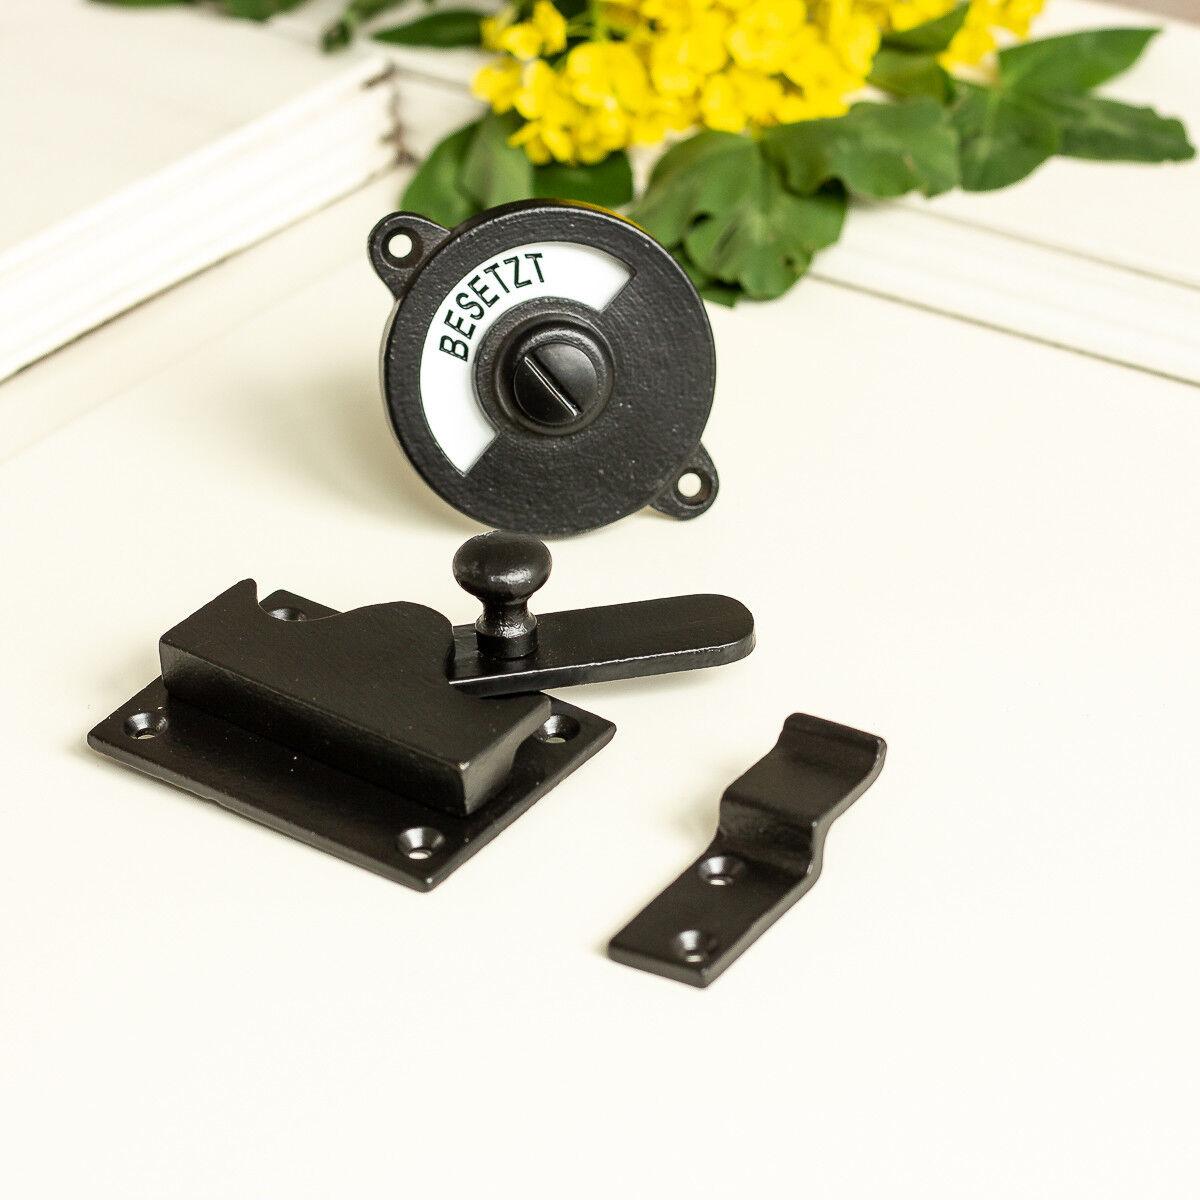 Drehverschluss für Toilettentür, WC-Tür Verriegelung,  schwarzer Türbeschlag | Lebensecht  | Export  | Qualität und Quantität garantiert  | Wunderbar